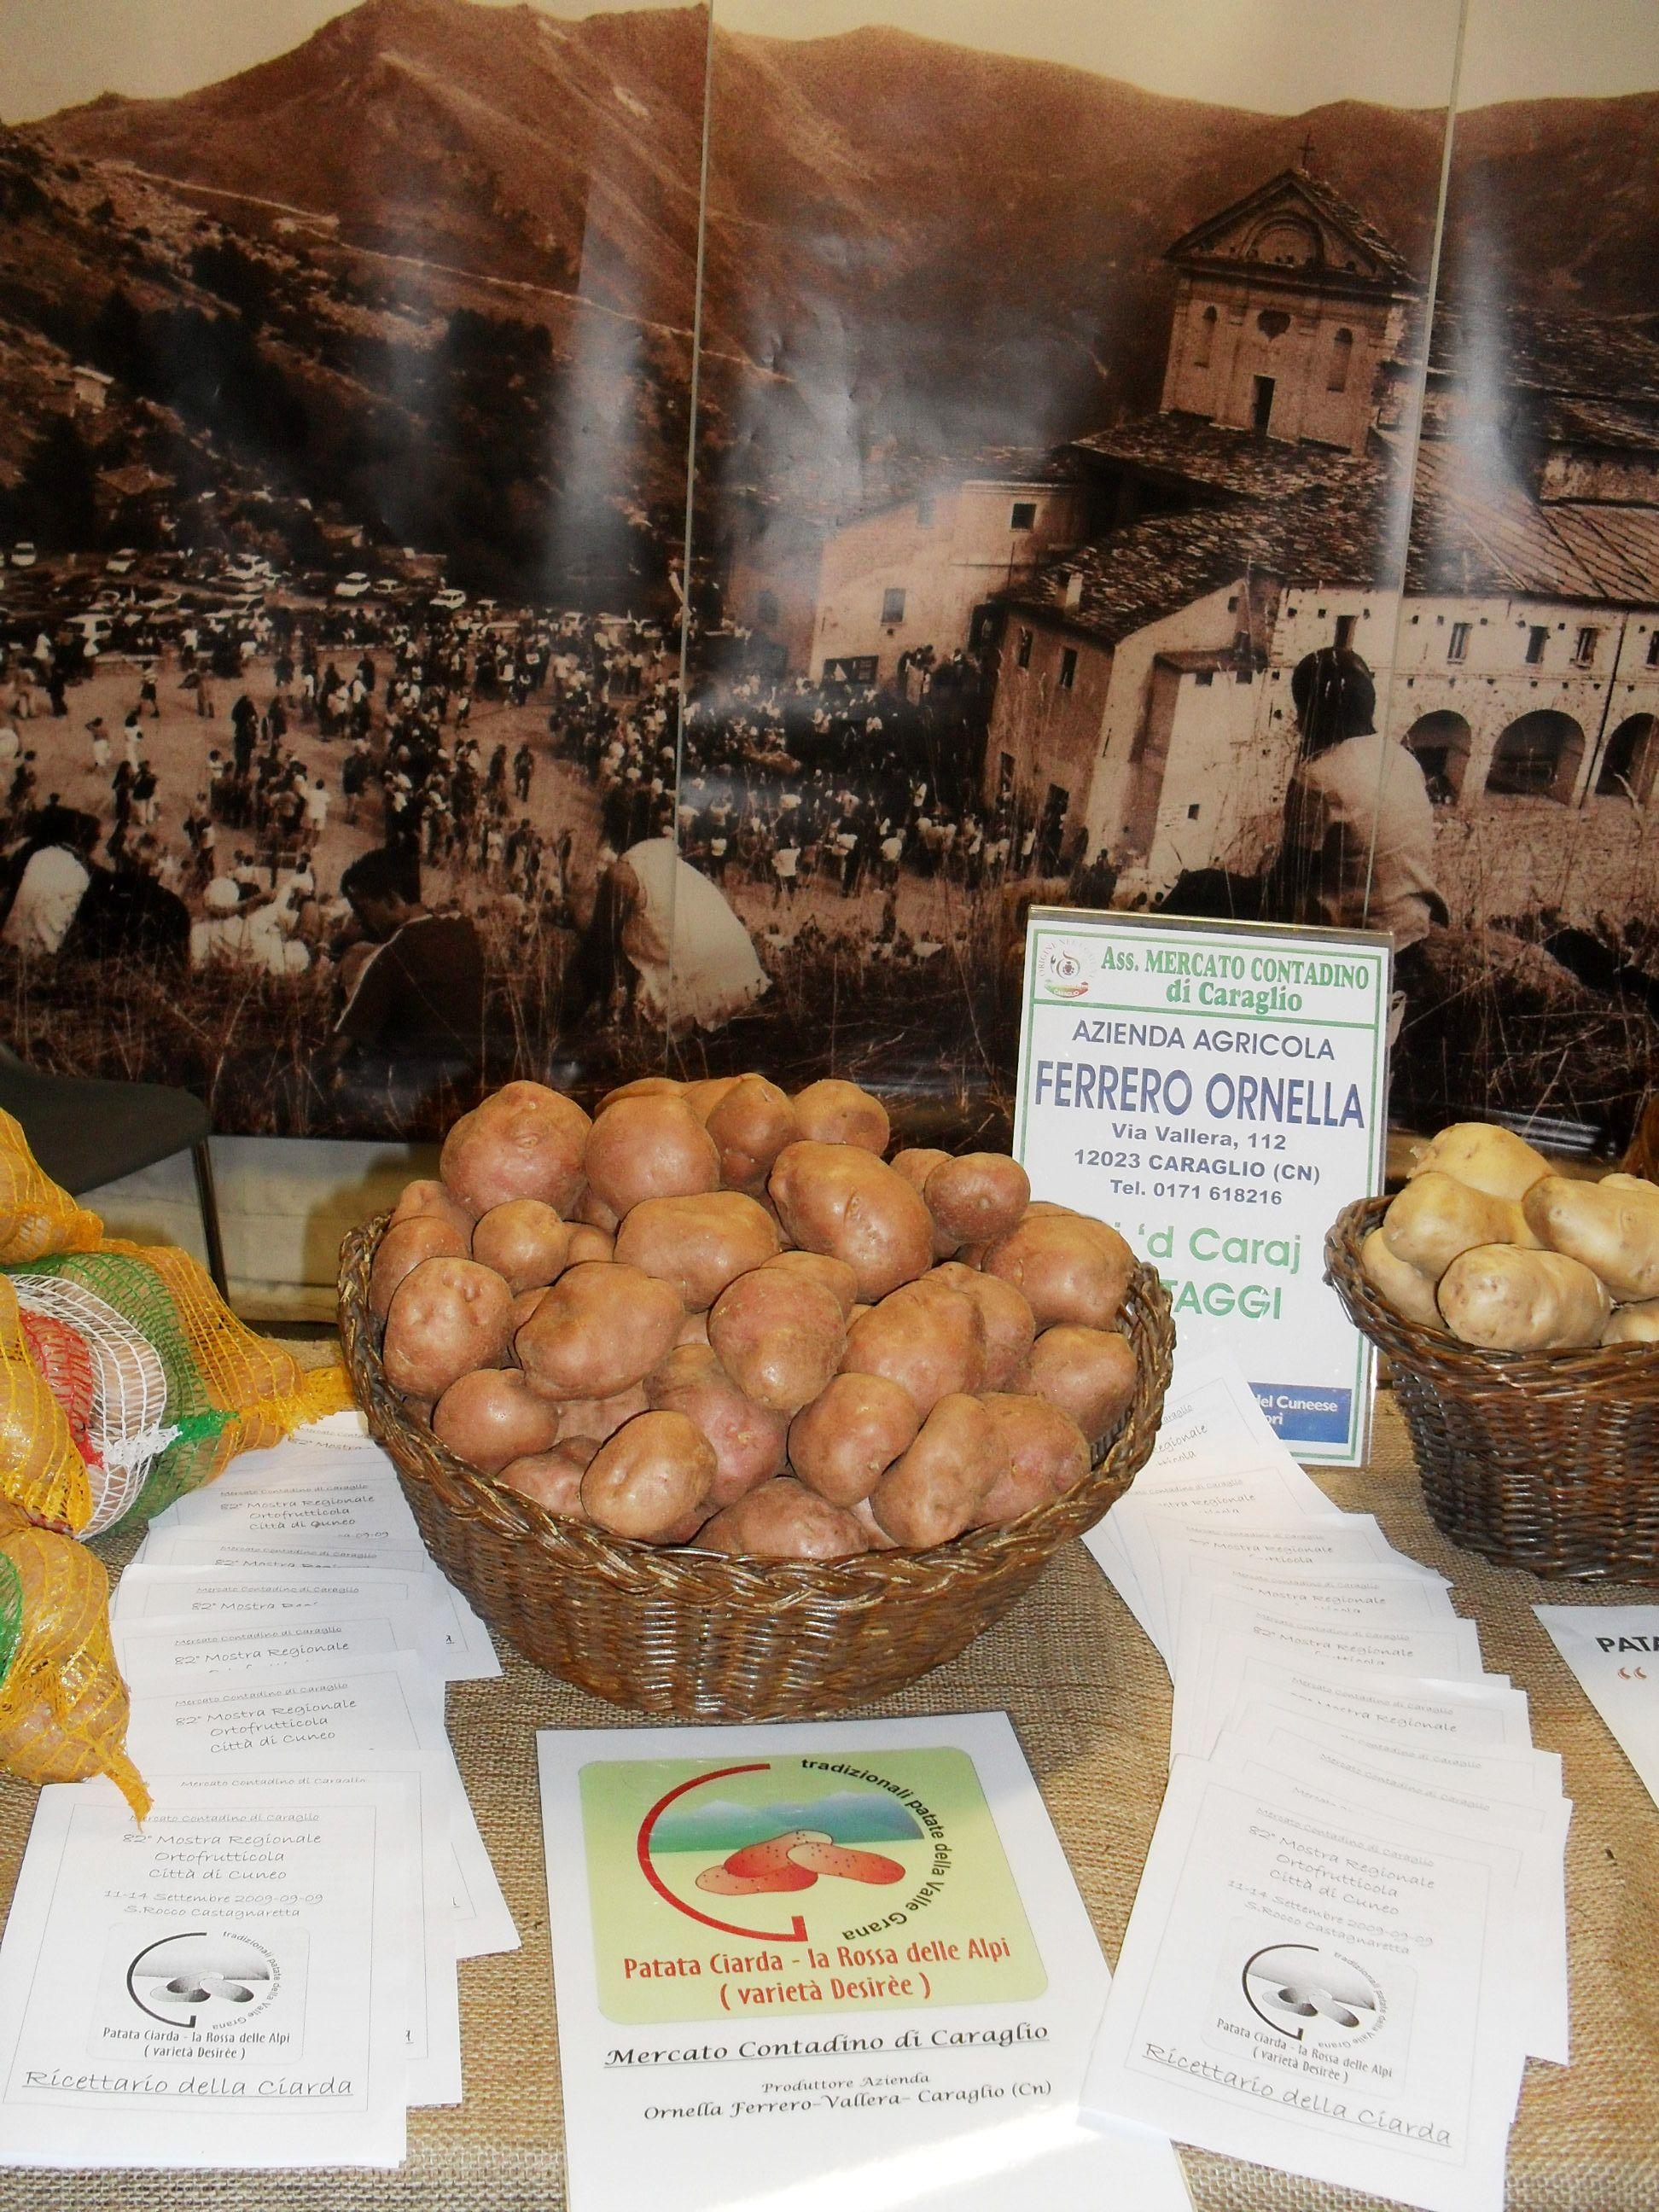 Photo of Bodi Fest dove bodi vuol dire patata